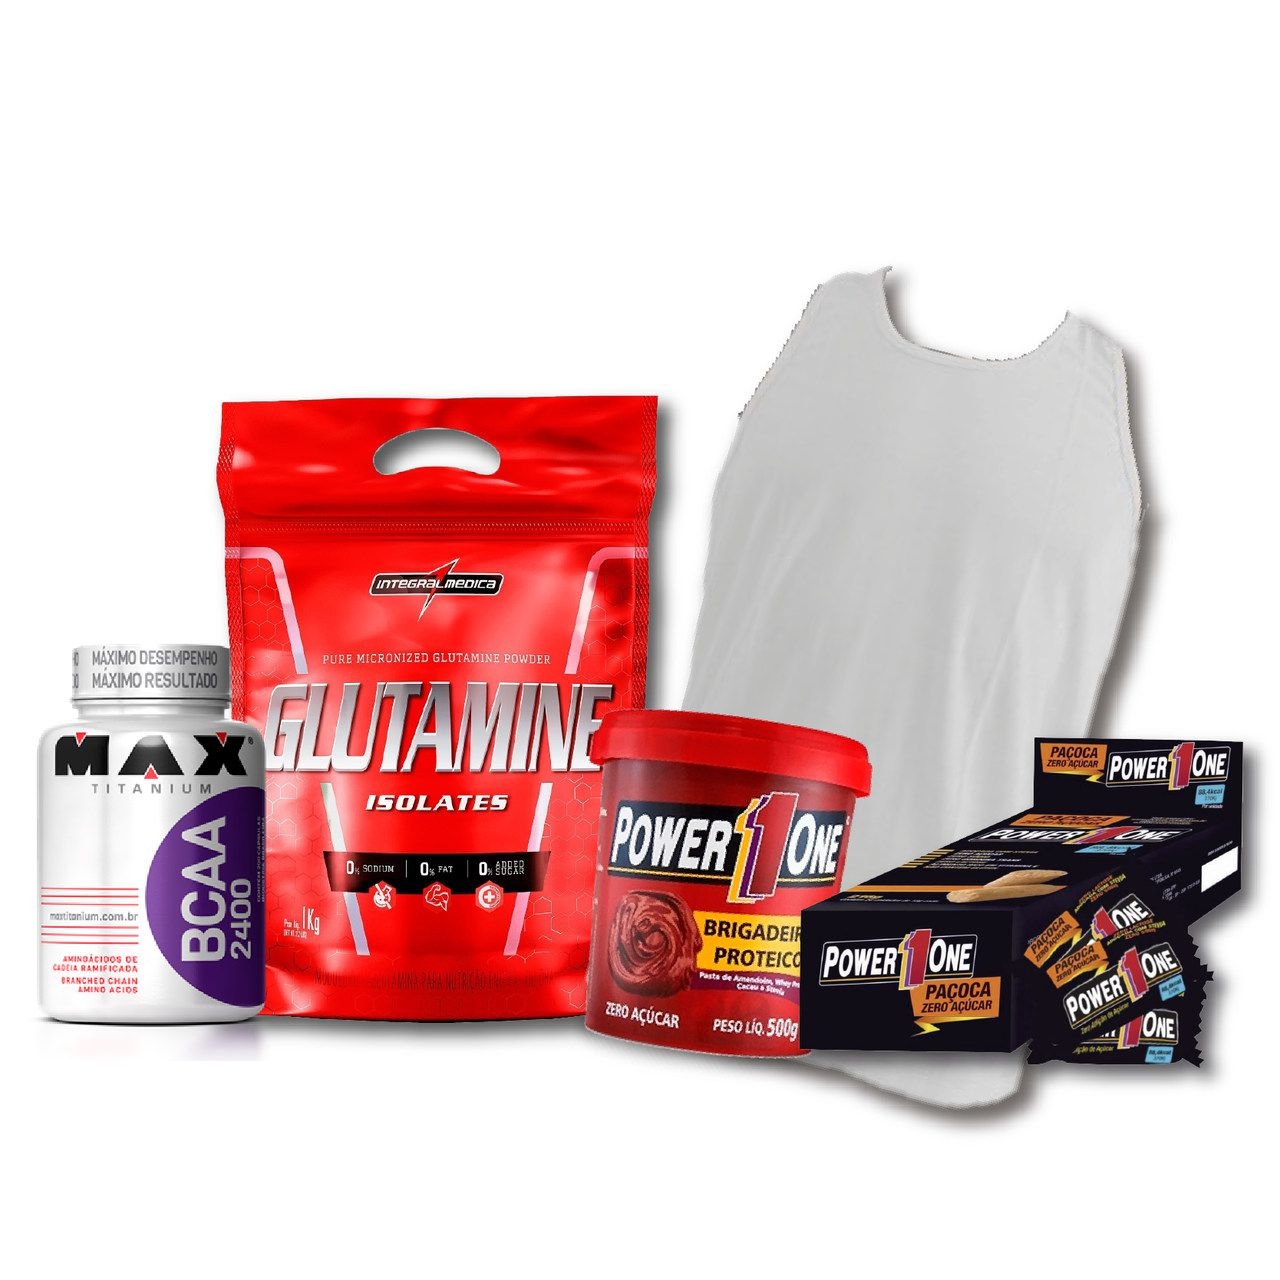 KIT: Glutamine Isolates 1kg + Camiseta Probiótica + Pasta de Brigadeiro + Caixa de Paçoca + BCAA 2400